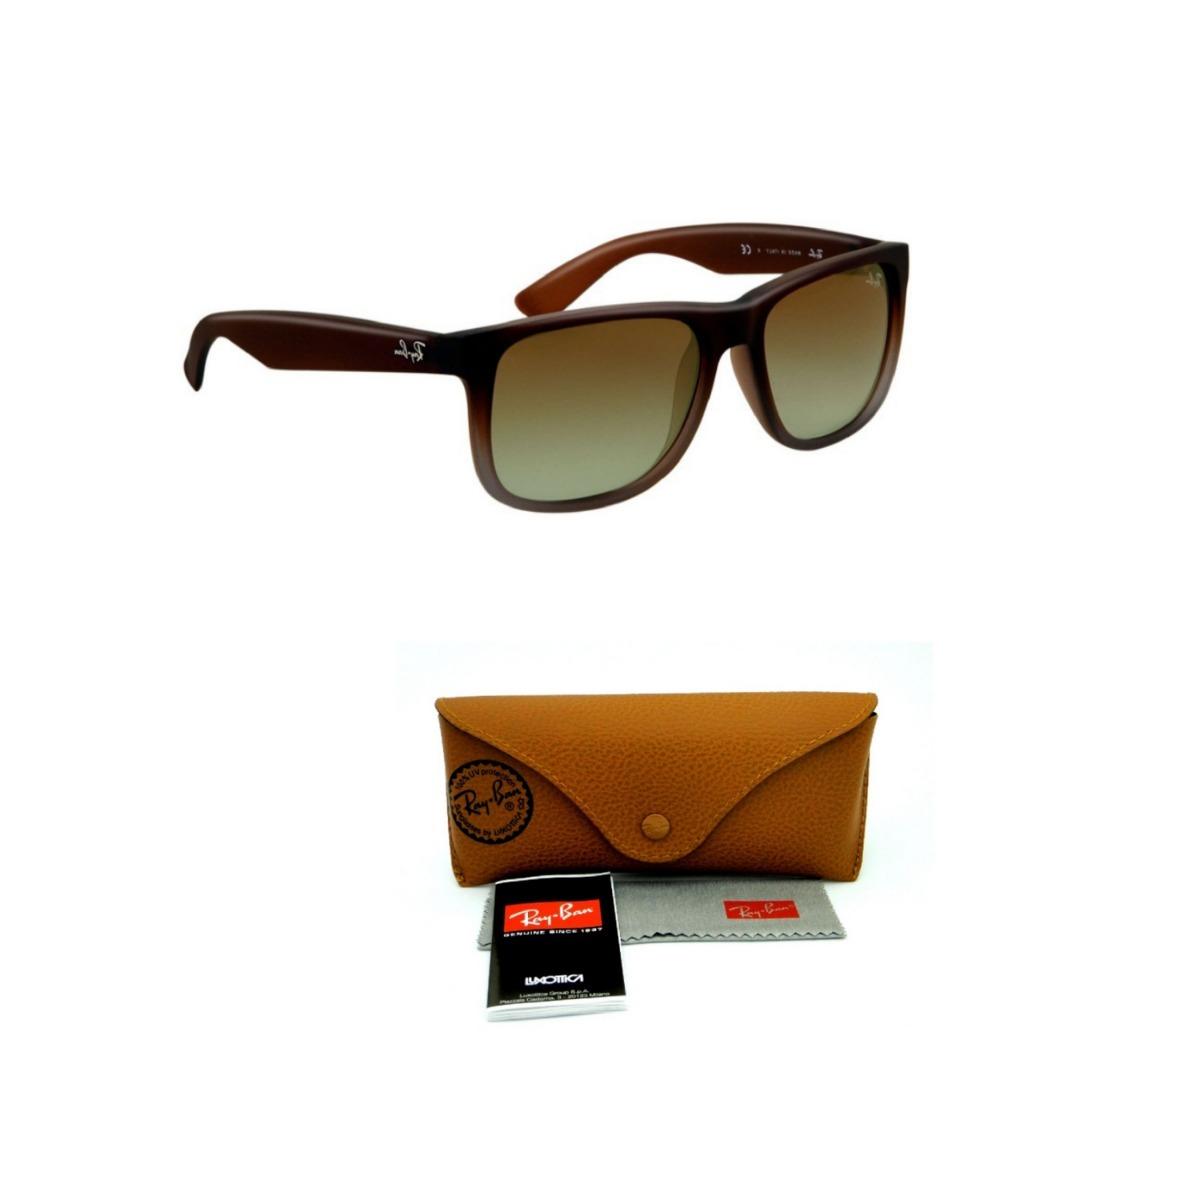 106ea6bf6385d óculos de sol justin importado rb 4165 masculino - feminino. Carregando zoom .